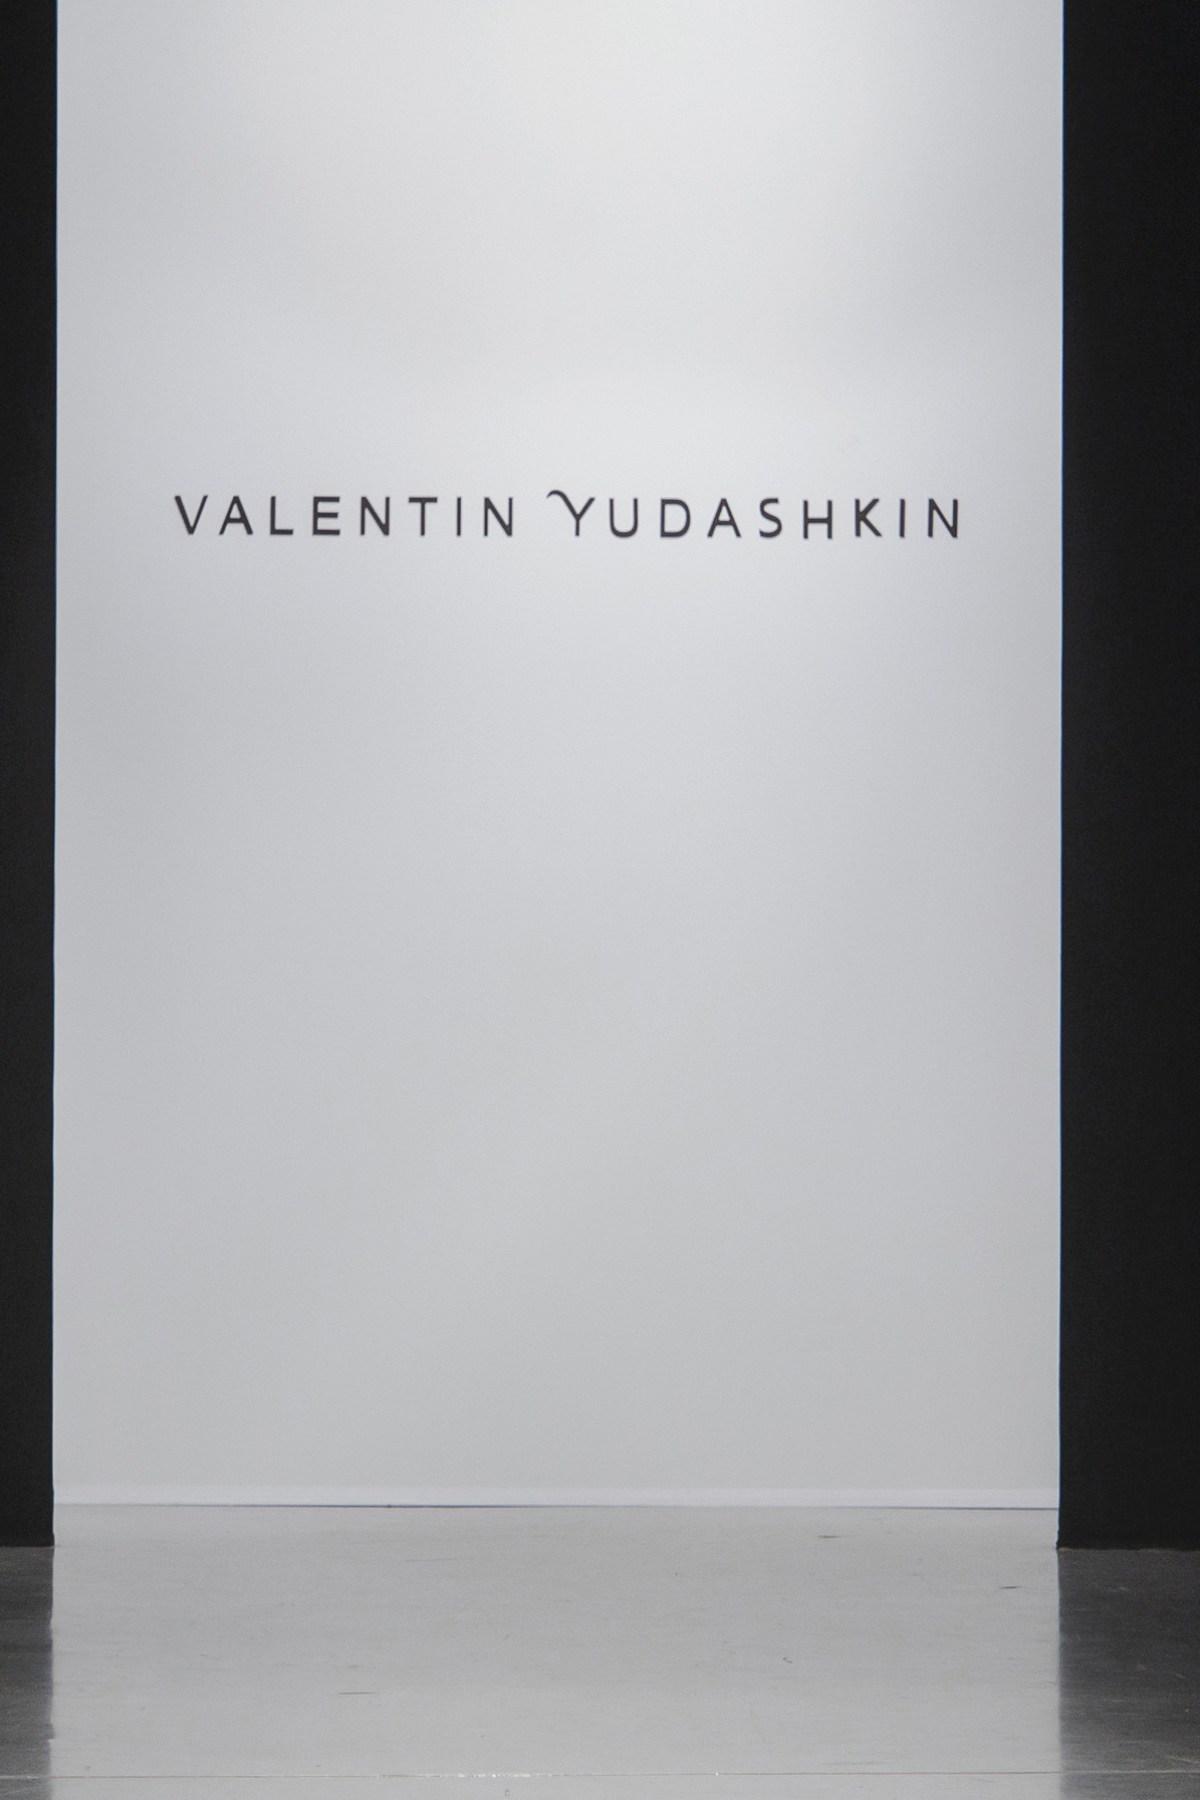 Yudashkin RF17 0870